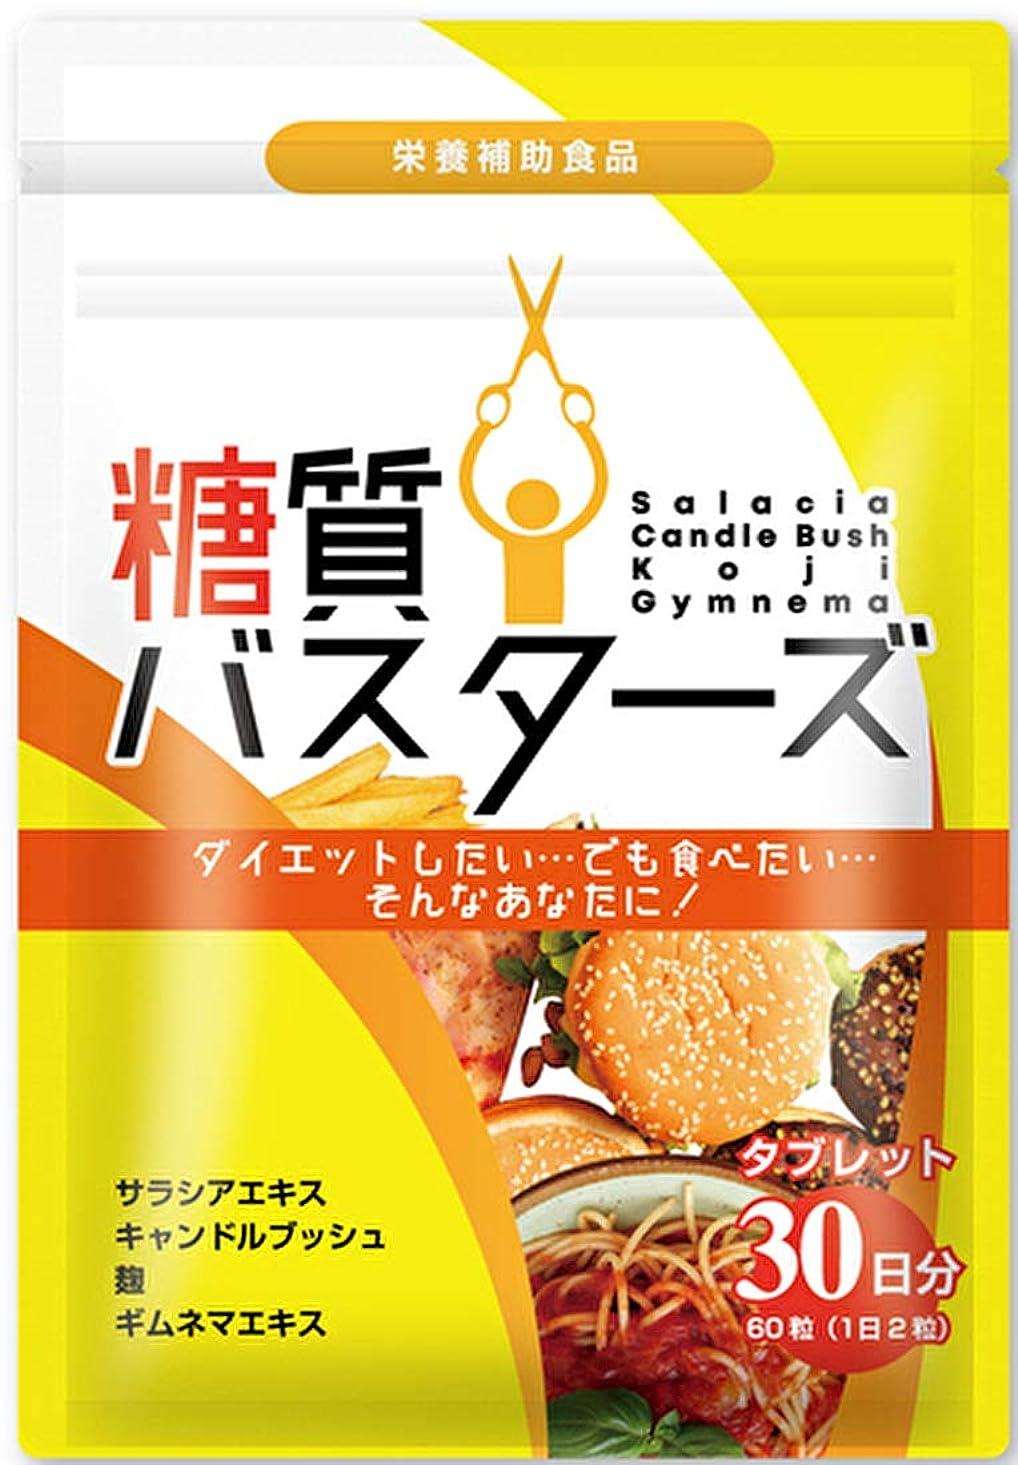 入手しますジョージエリオットディレクトリ糖質バスターズ (30日分) 糖質オフ 糖質カット 糖質制限 ダイエット 糖質 サラシア サプリ